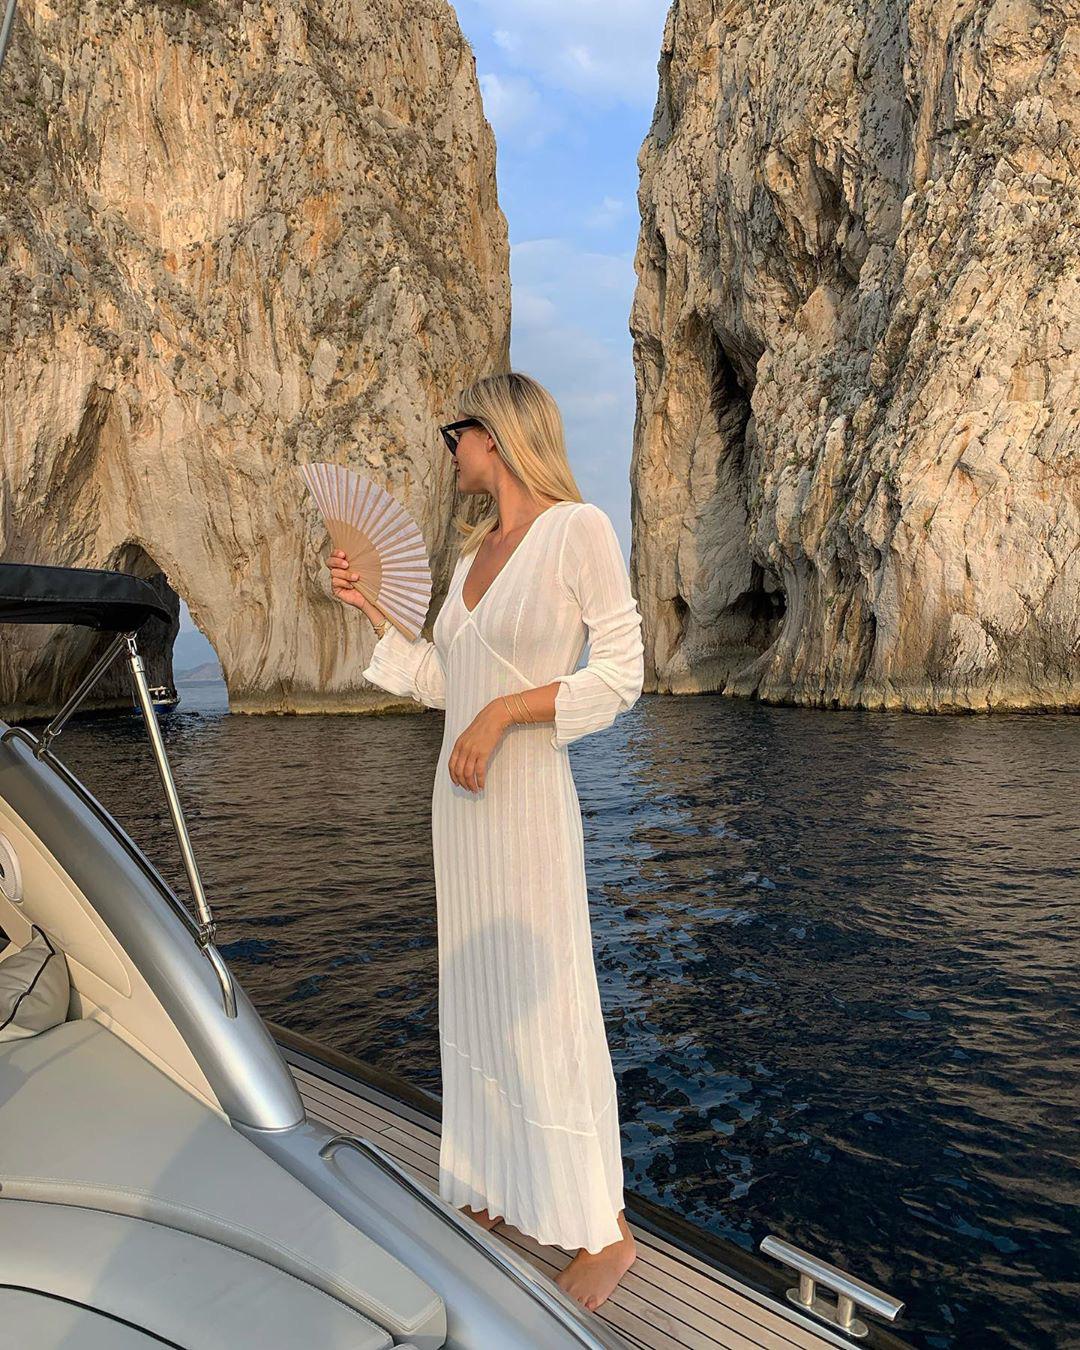 Trời se lạnh mà quẩy váy dáng dài là có style yêu kiều như gái Pháp, điểm sang chảnh tăng ngùn ngụt - Ảnh 4.